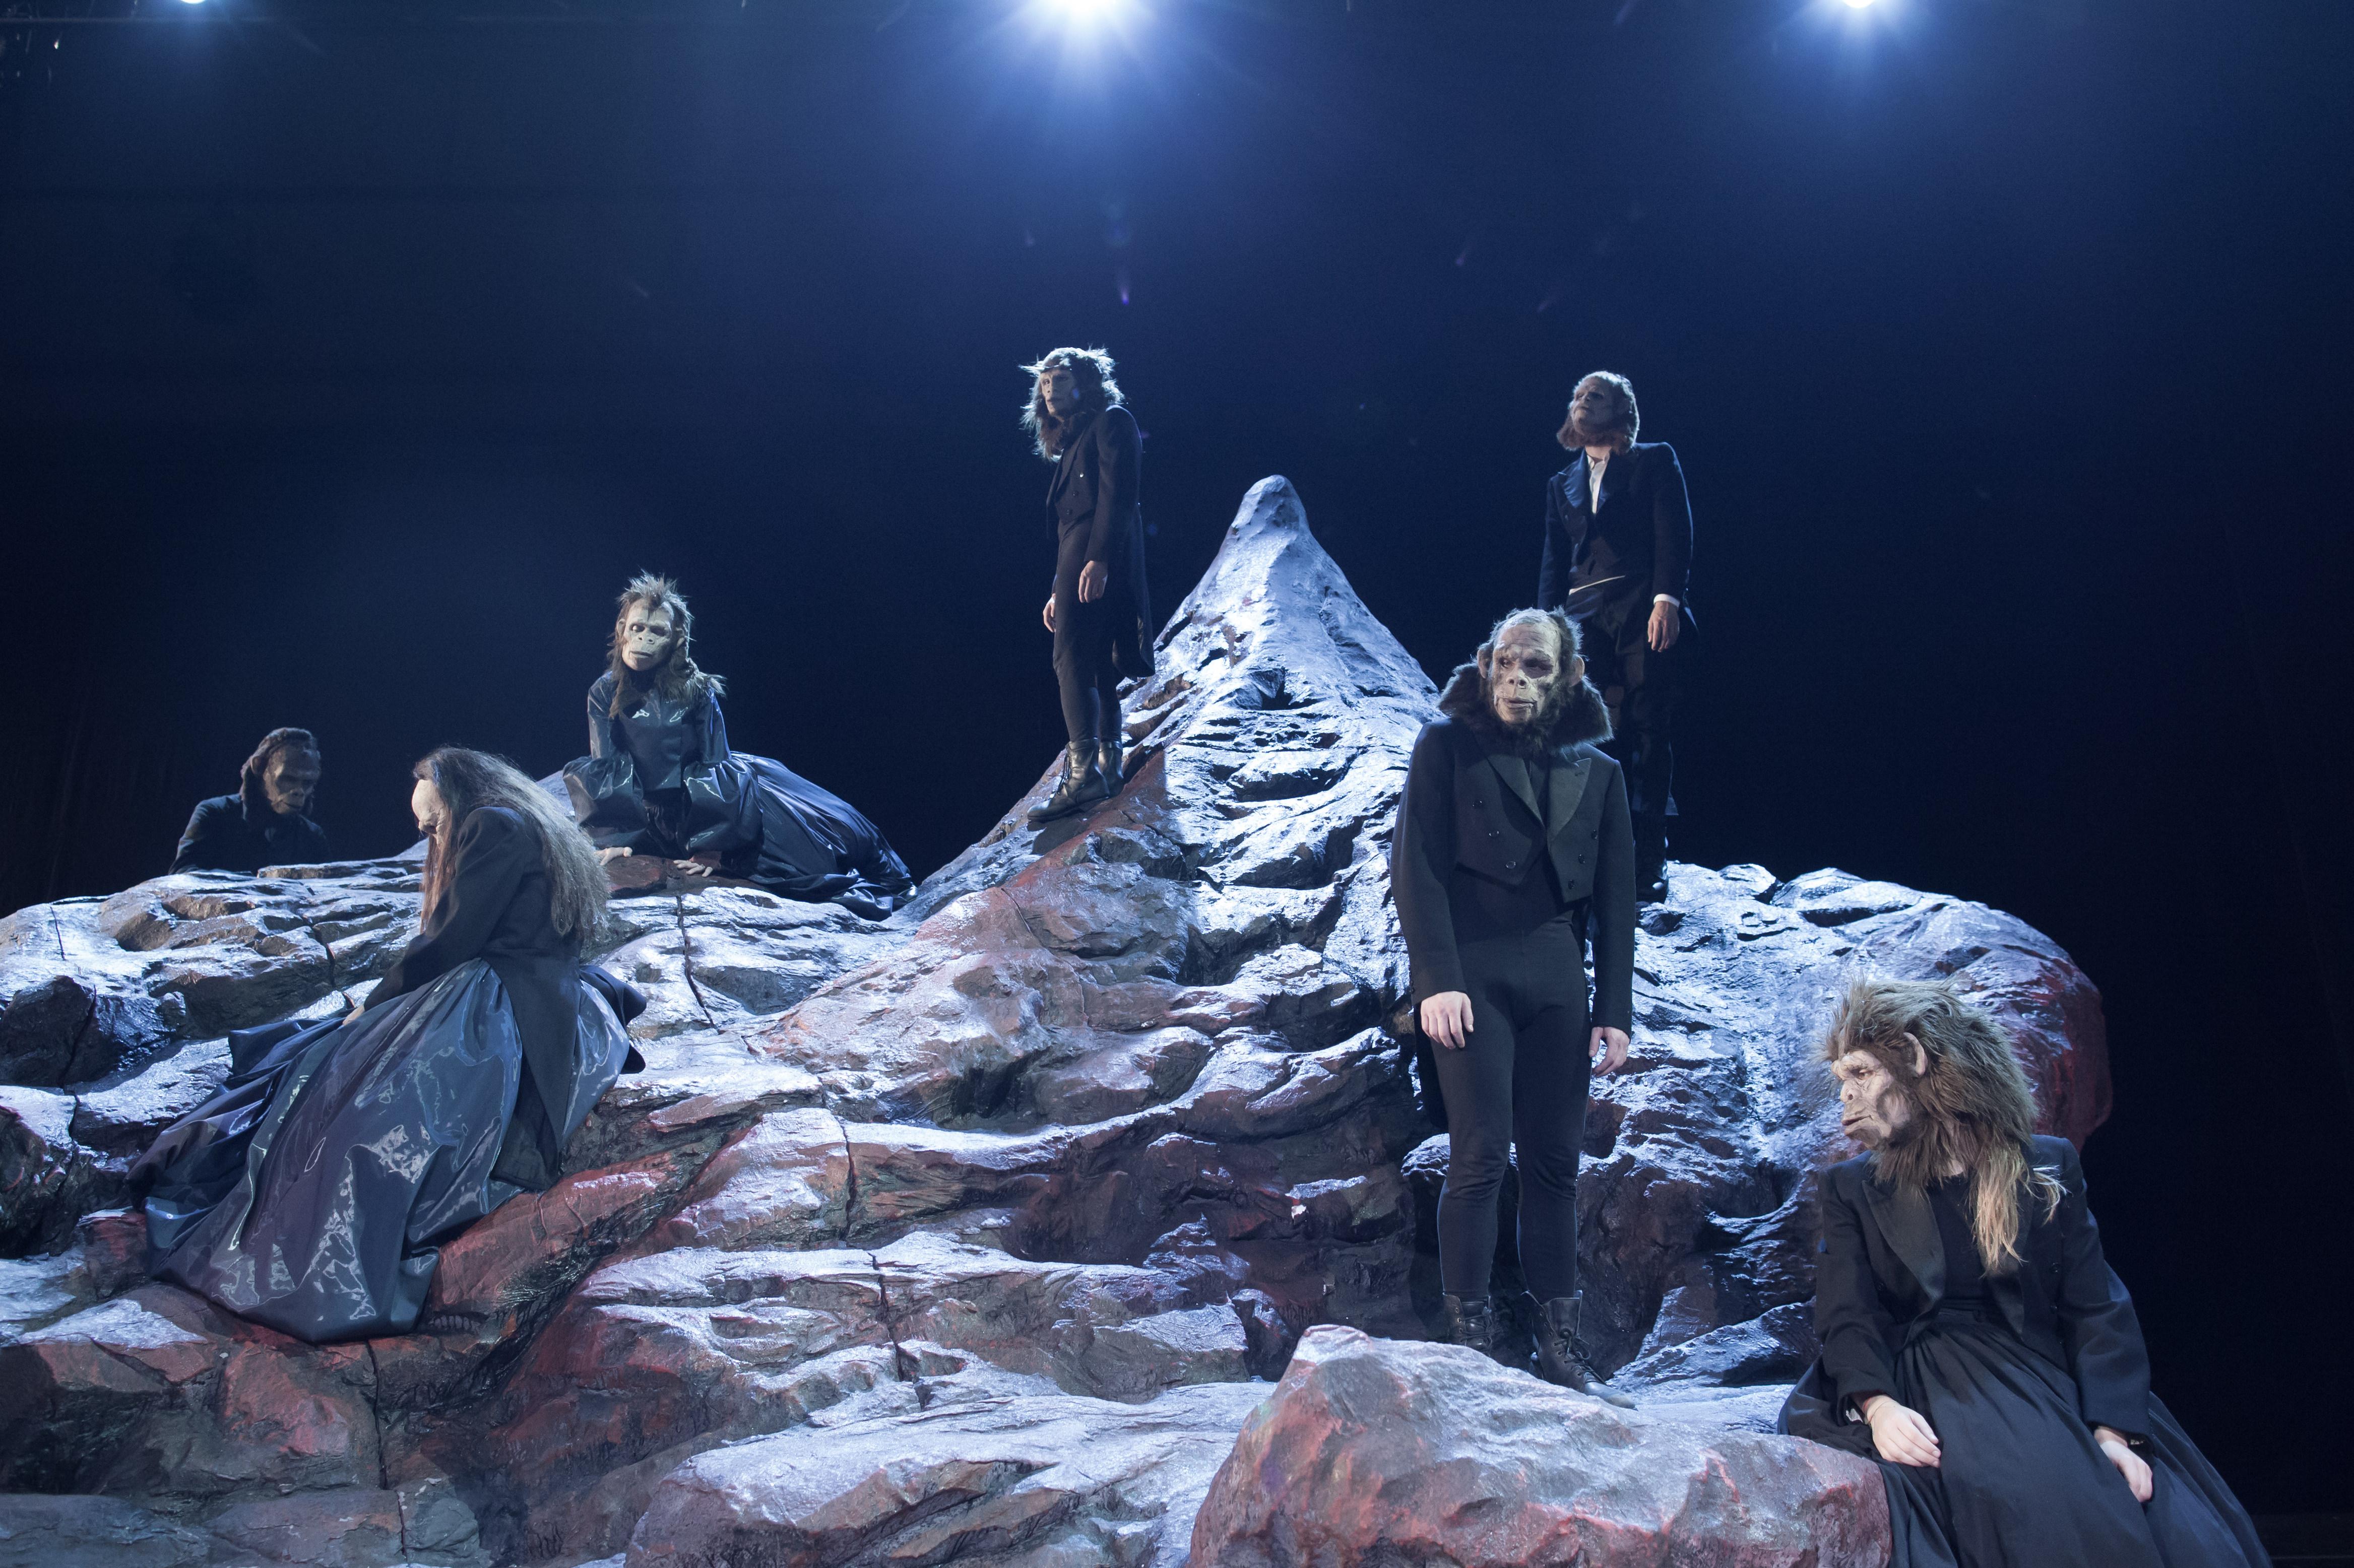 Οπερέττα στο Εθνικό Θέατρο